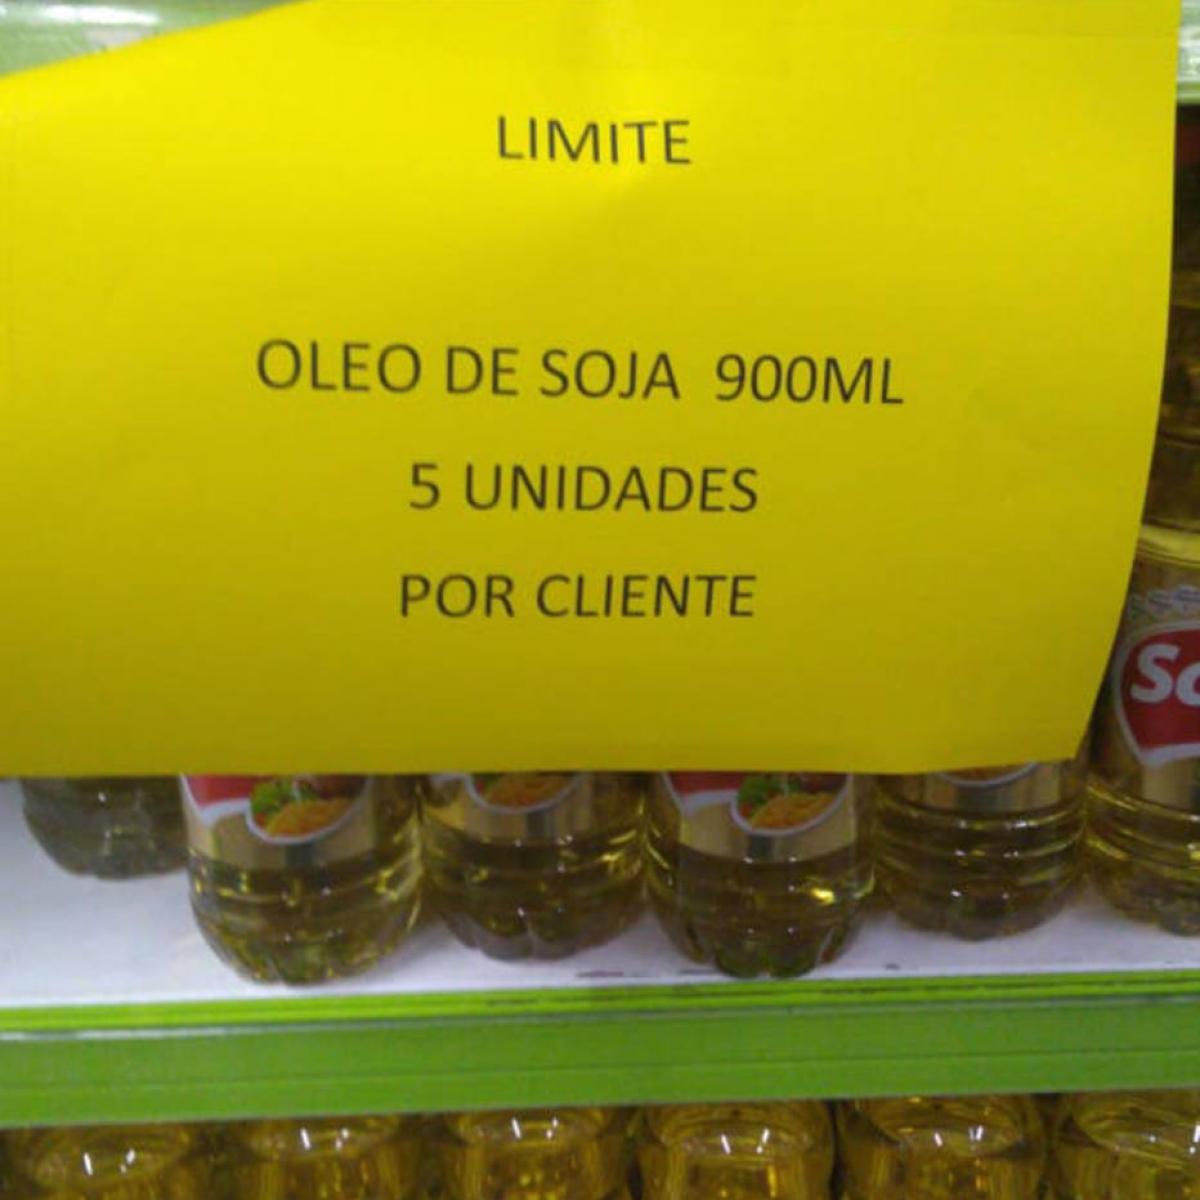 Nos supermercados, consumidor sentiu reflexos dessa movimentação no preço do óleo de soja (Fonte: Estadão/Reprodução)